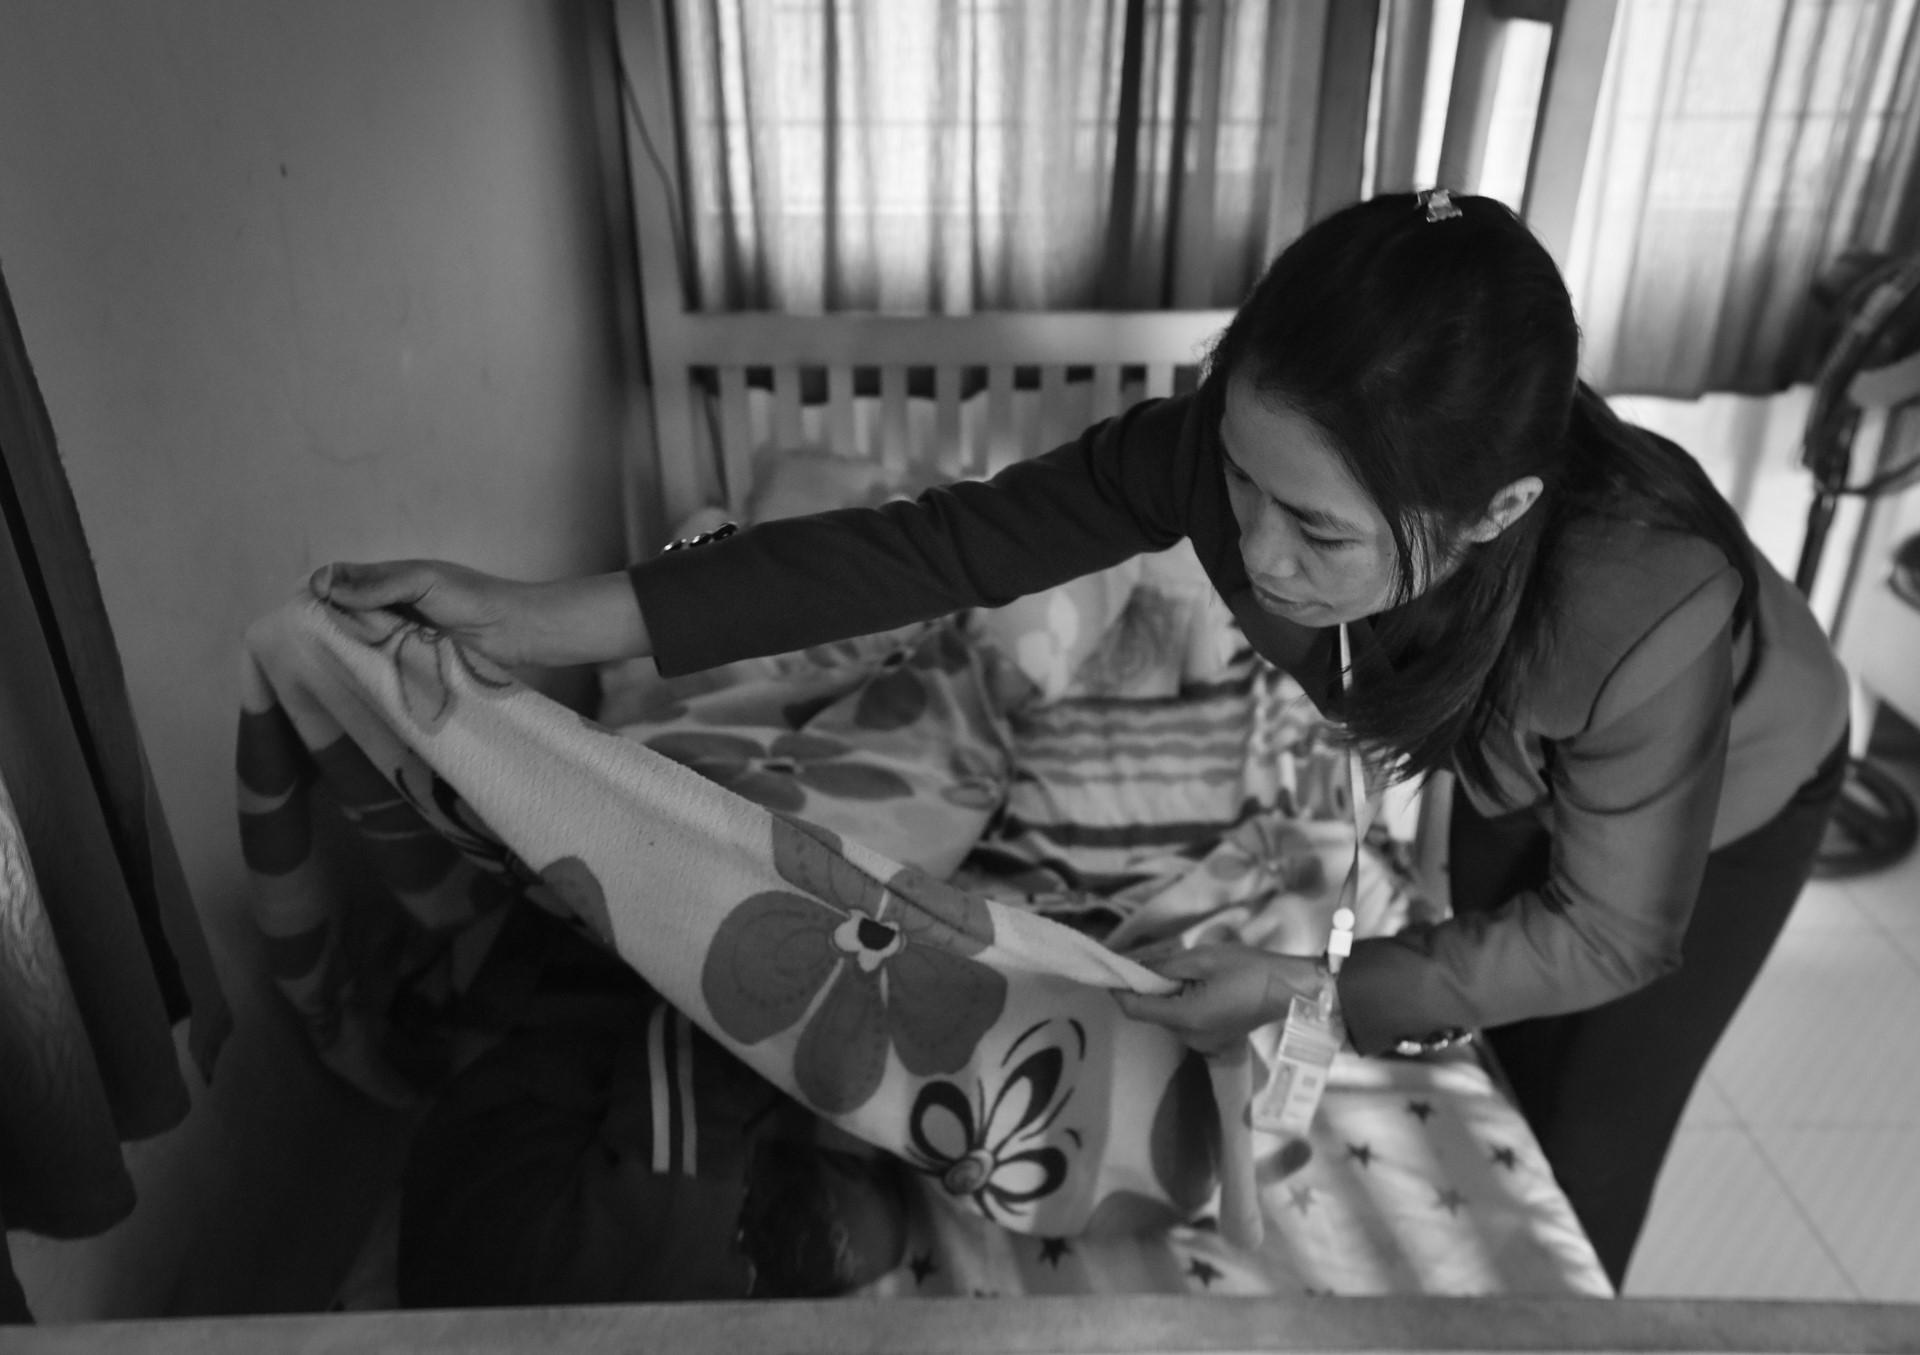 Ngôi nhà chung của 80 trẻ em nhiễm HIV bị bỏ rơi-19